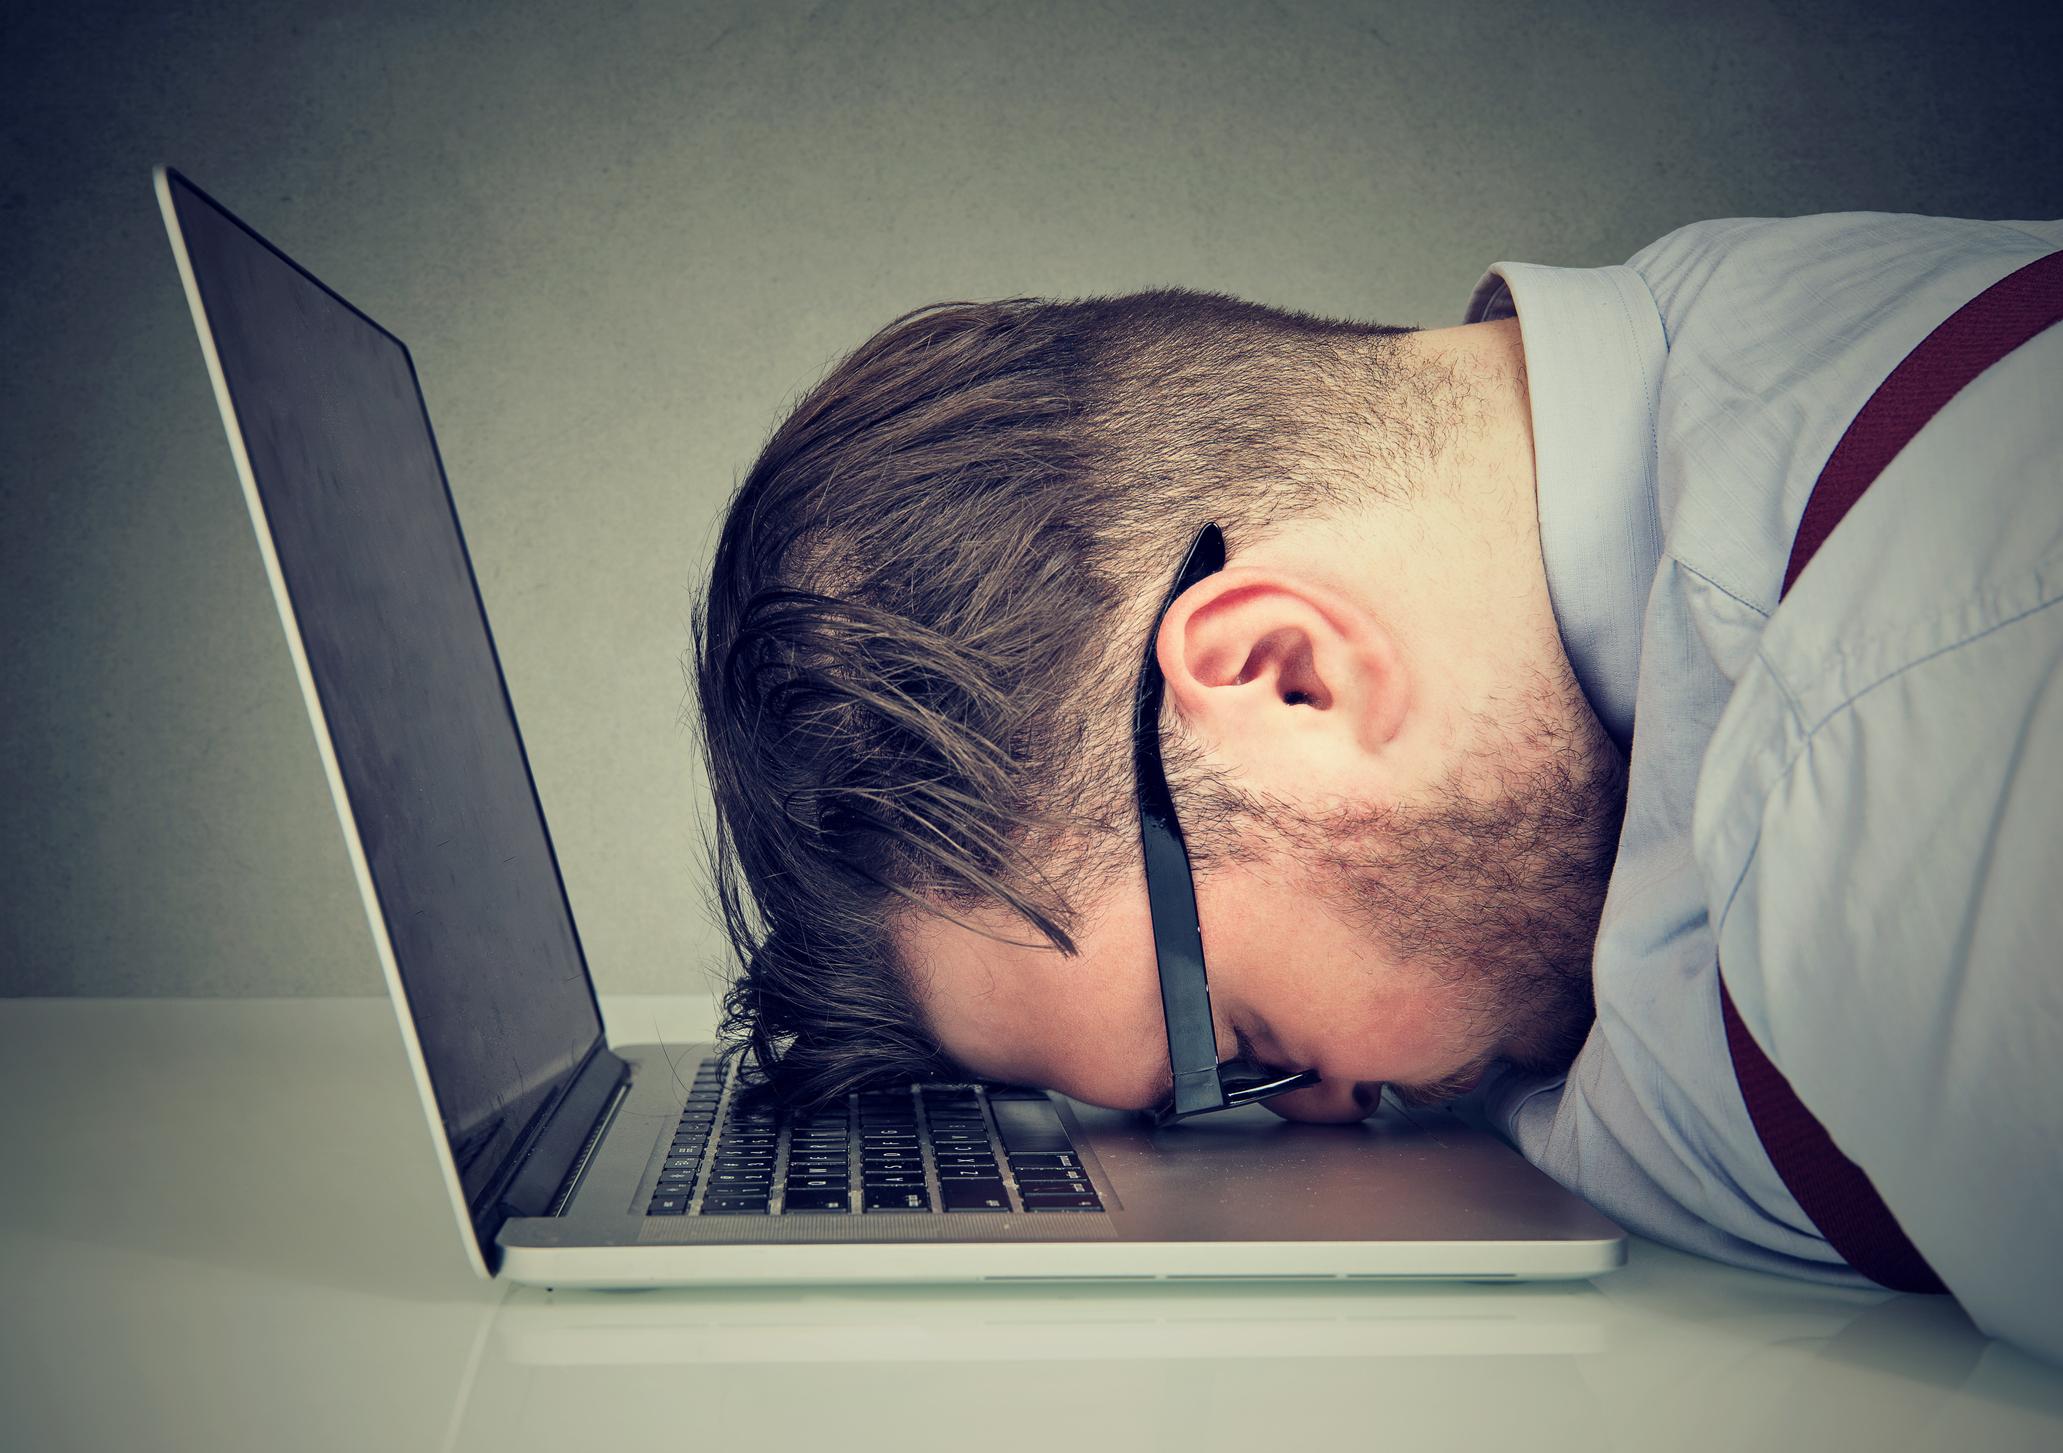 Você já pensou em fazer um detox para o seu corpo? Se você sente com frequência exaustão e com o rendimento afetado com frequência, pode ser sinal de estresse.